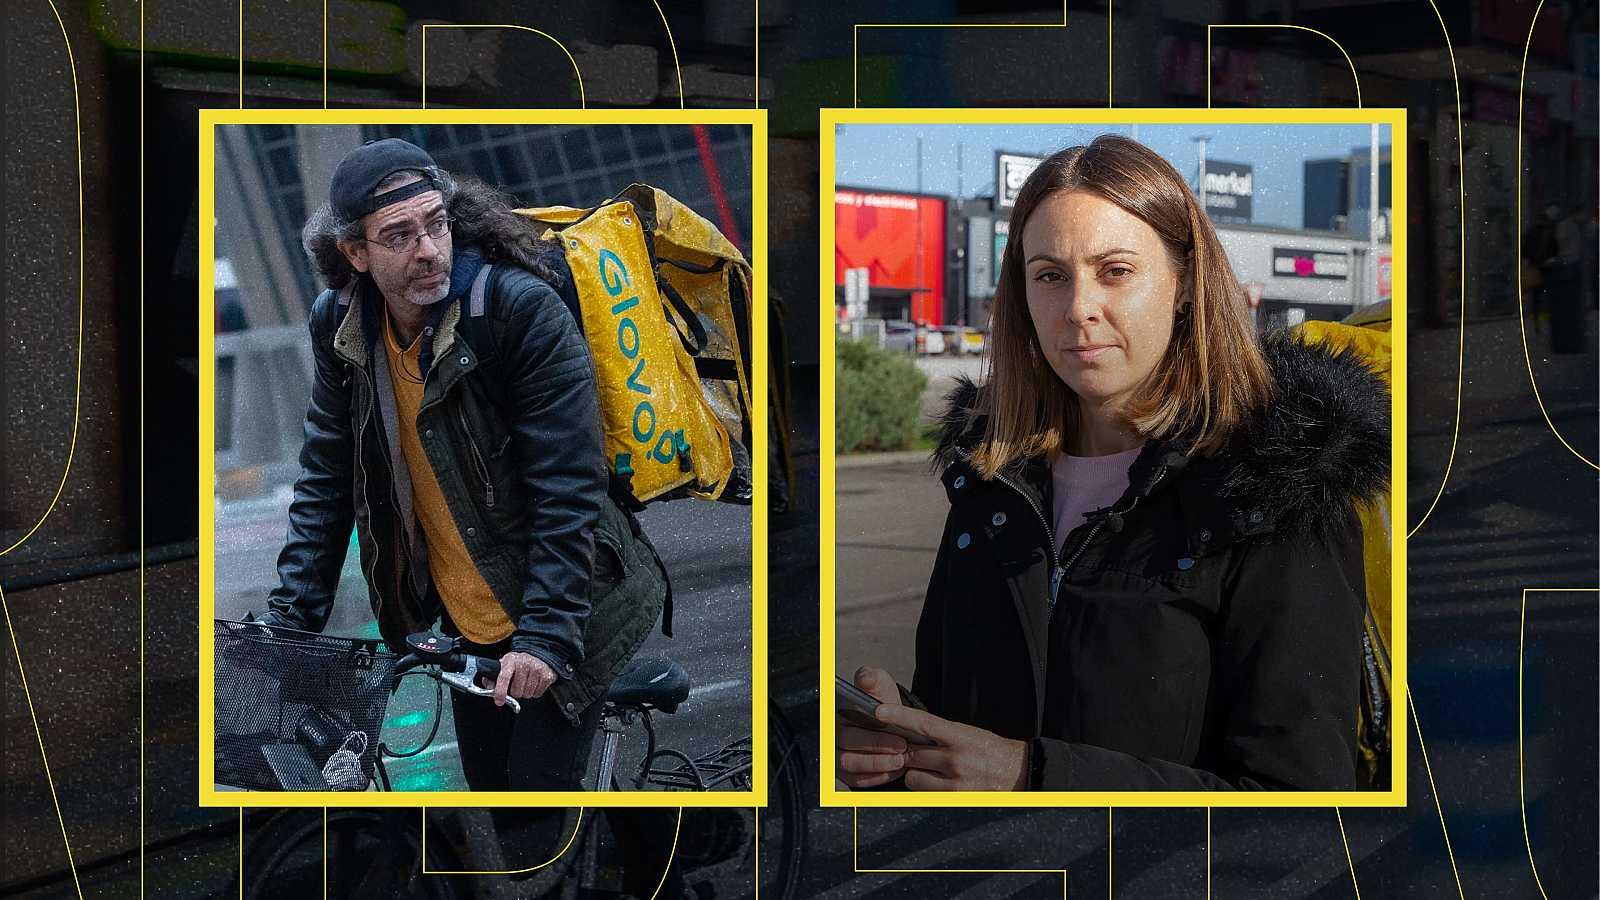 Hoy empieza todo con Ángel Carmona - Riders, el documental - 12/05/2021